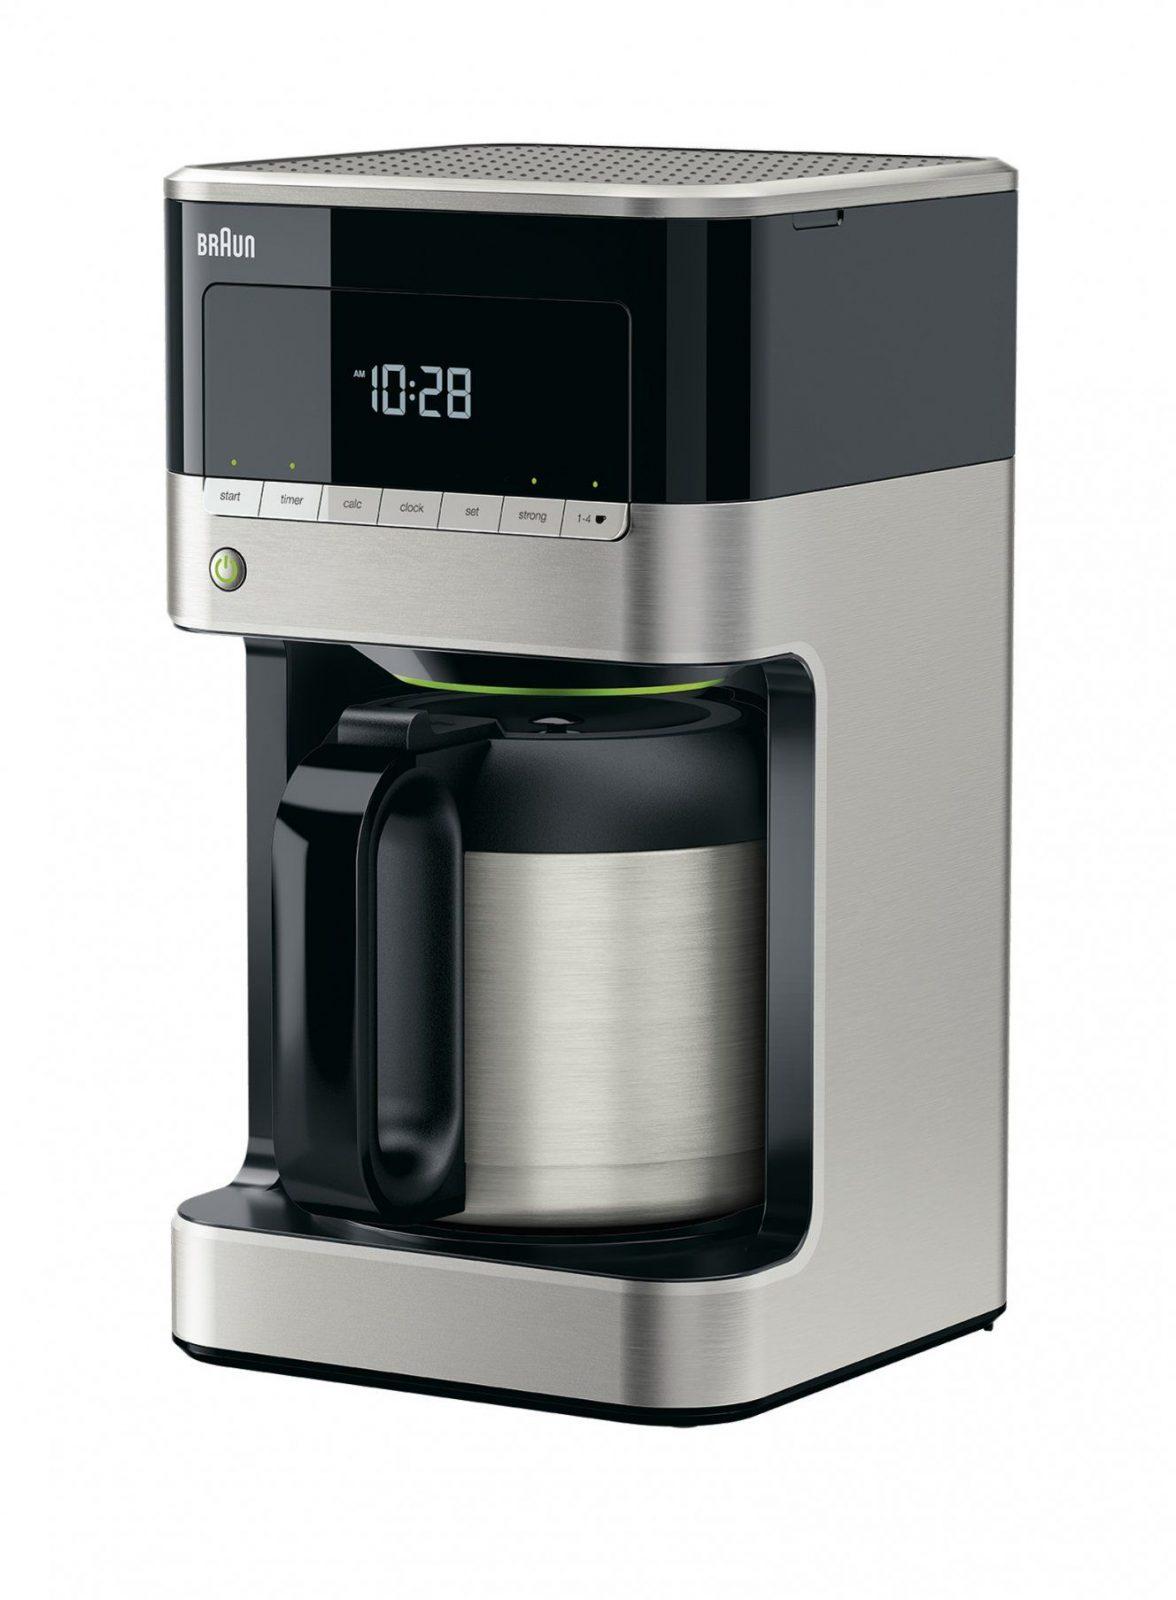 Braun Kaffeemaschine Kf 7125 Puraroma 7 von Braun Kaffeemaschine Mit Thermoskanne Photo